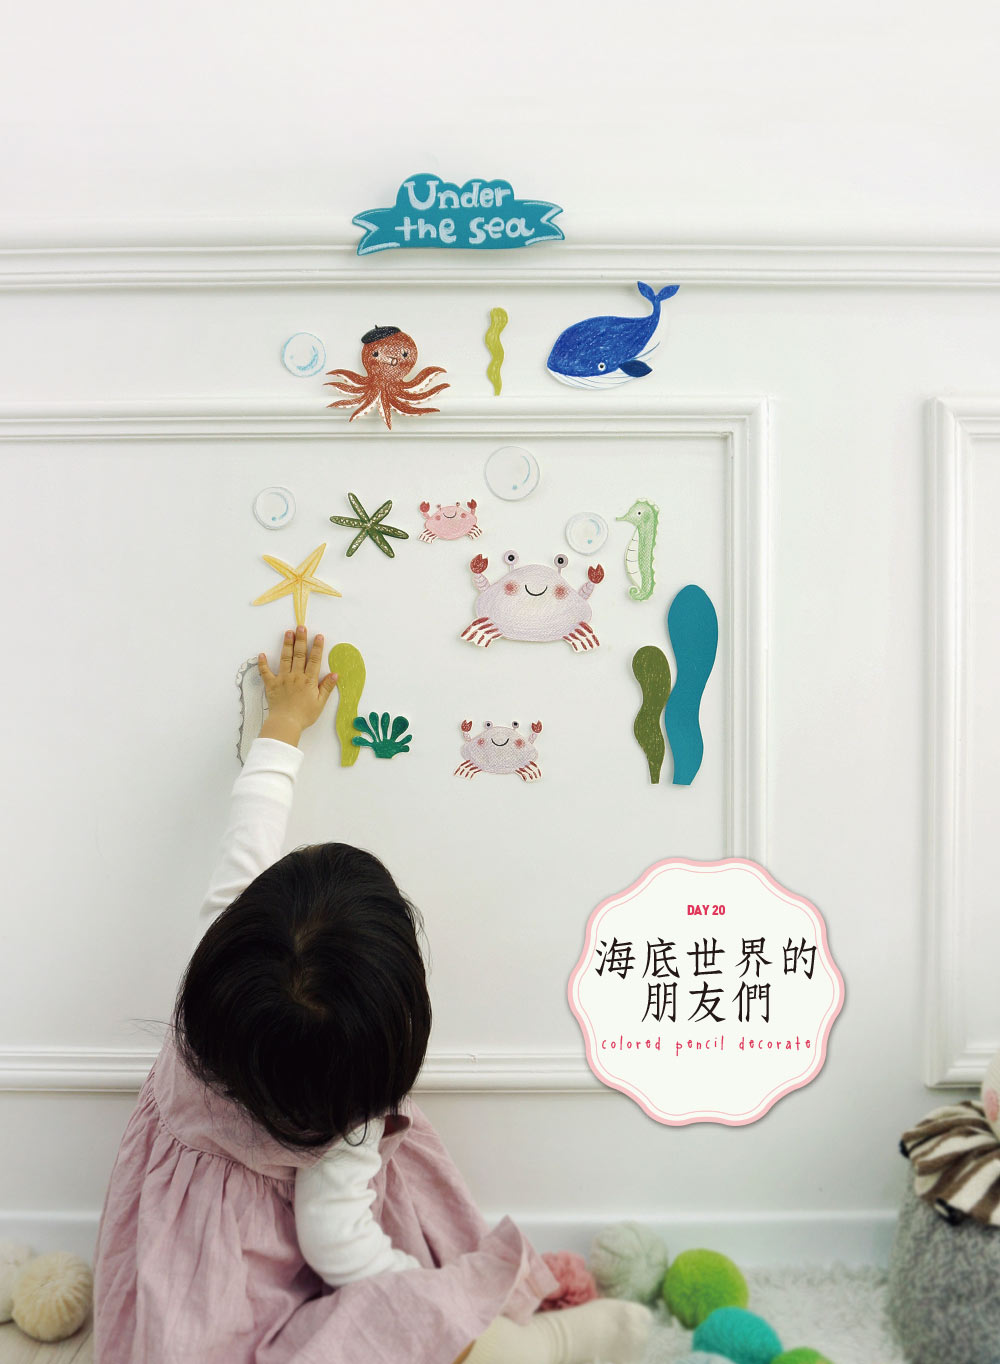 ◤博客來BOOKS◢ 暢銷書榜《推薦》1天5分鐘色鉛筆小塗鴉:可愛討喜的療癒與裝飾小圖!